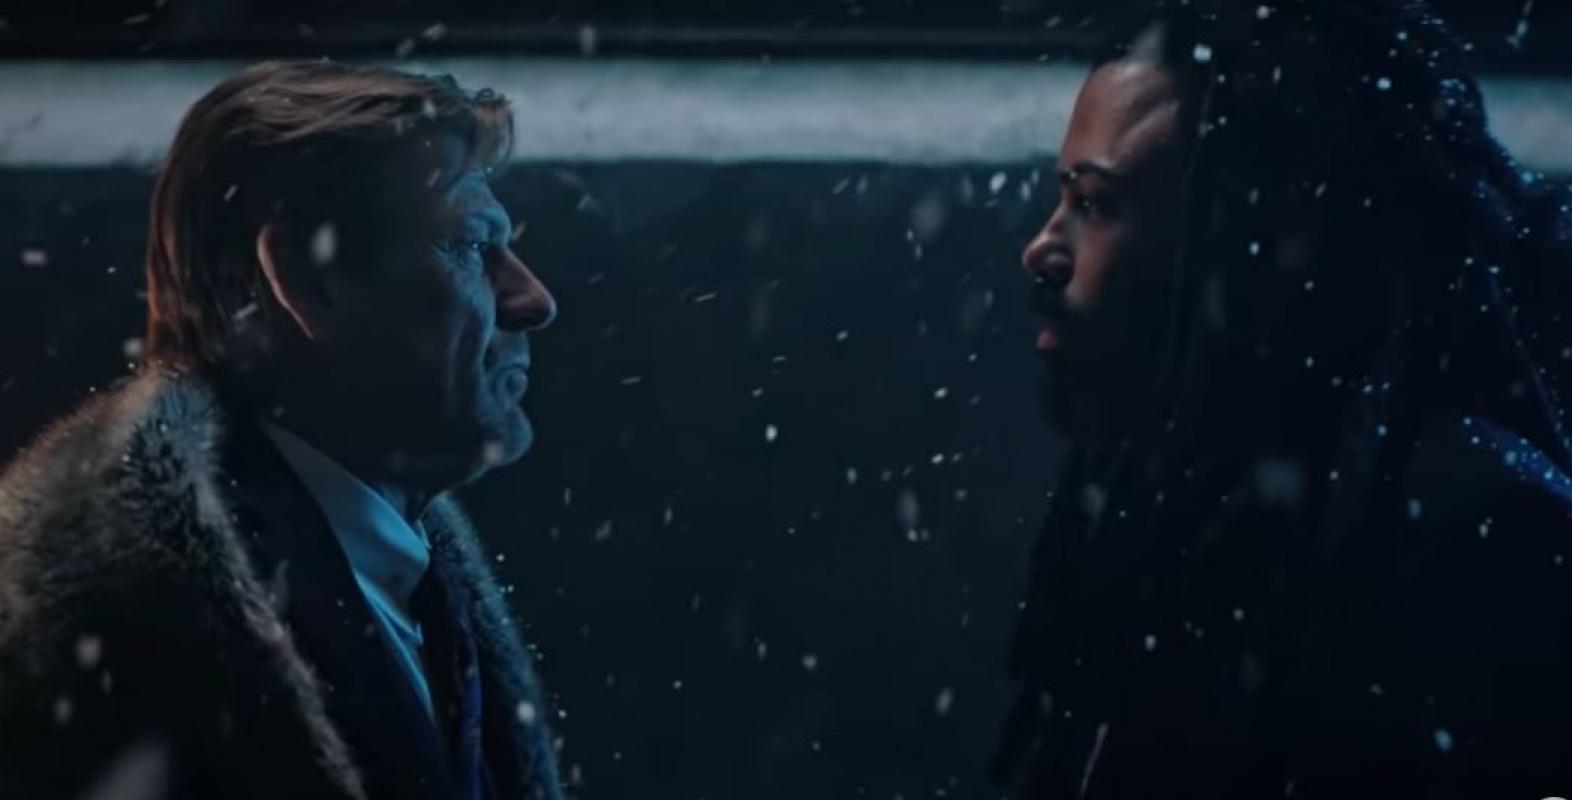 Netflix dizisi Snowpiercer 2. sezon ne zaman yayınlanacak?